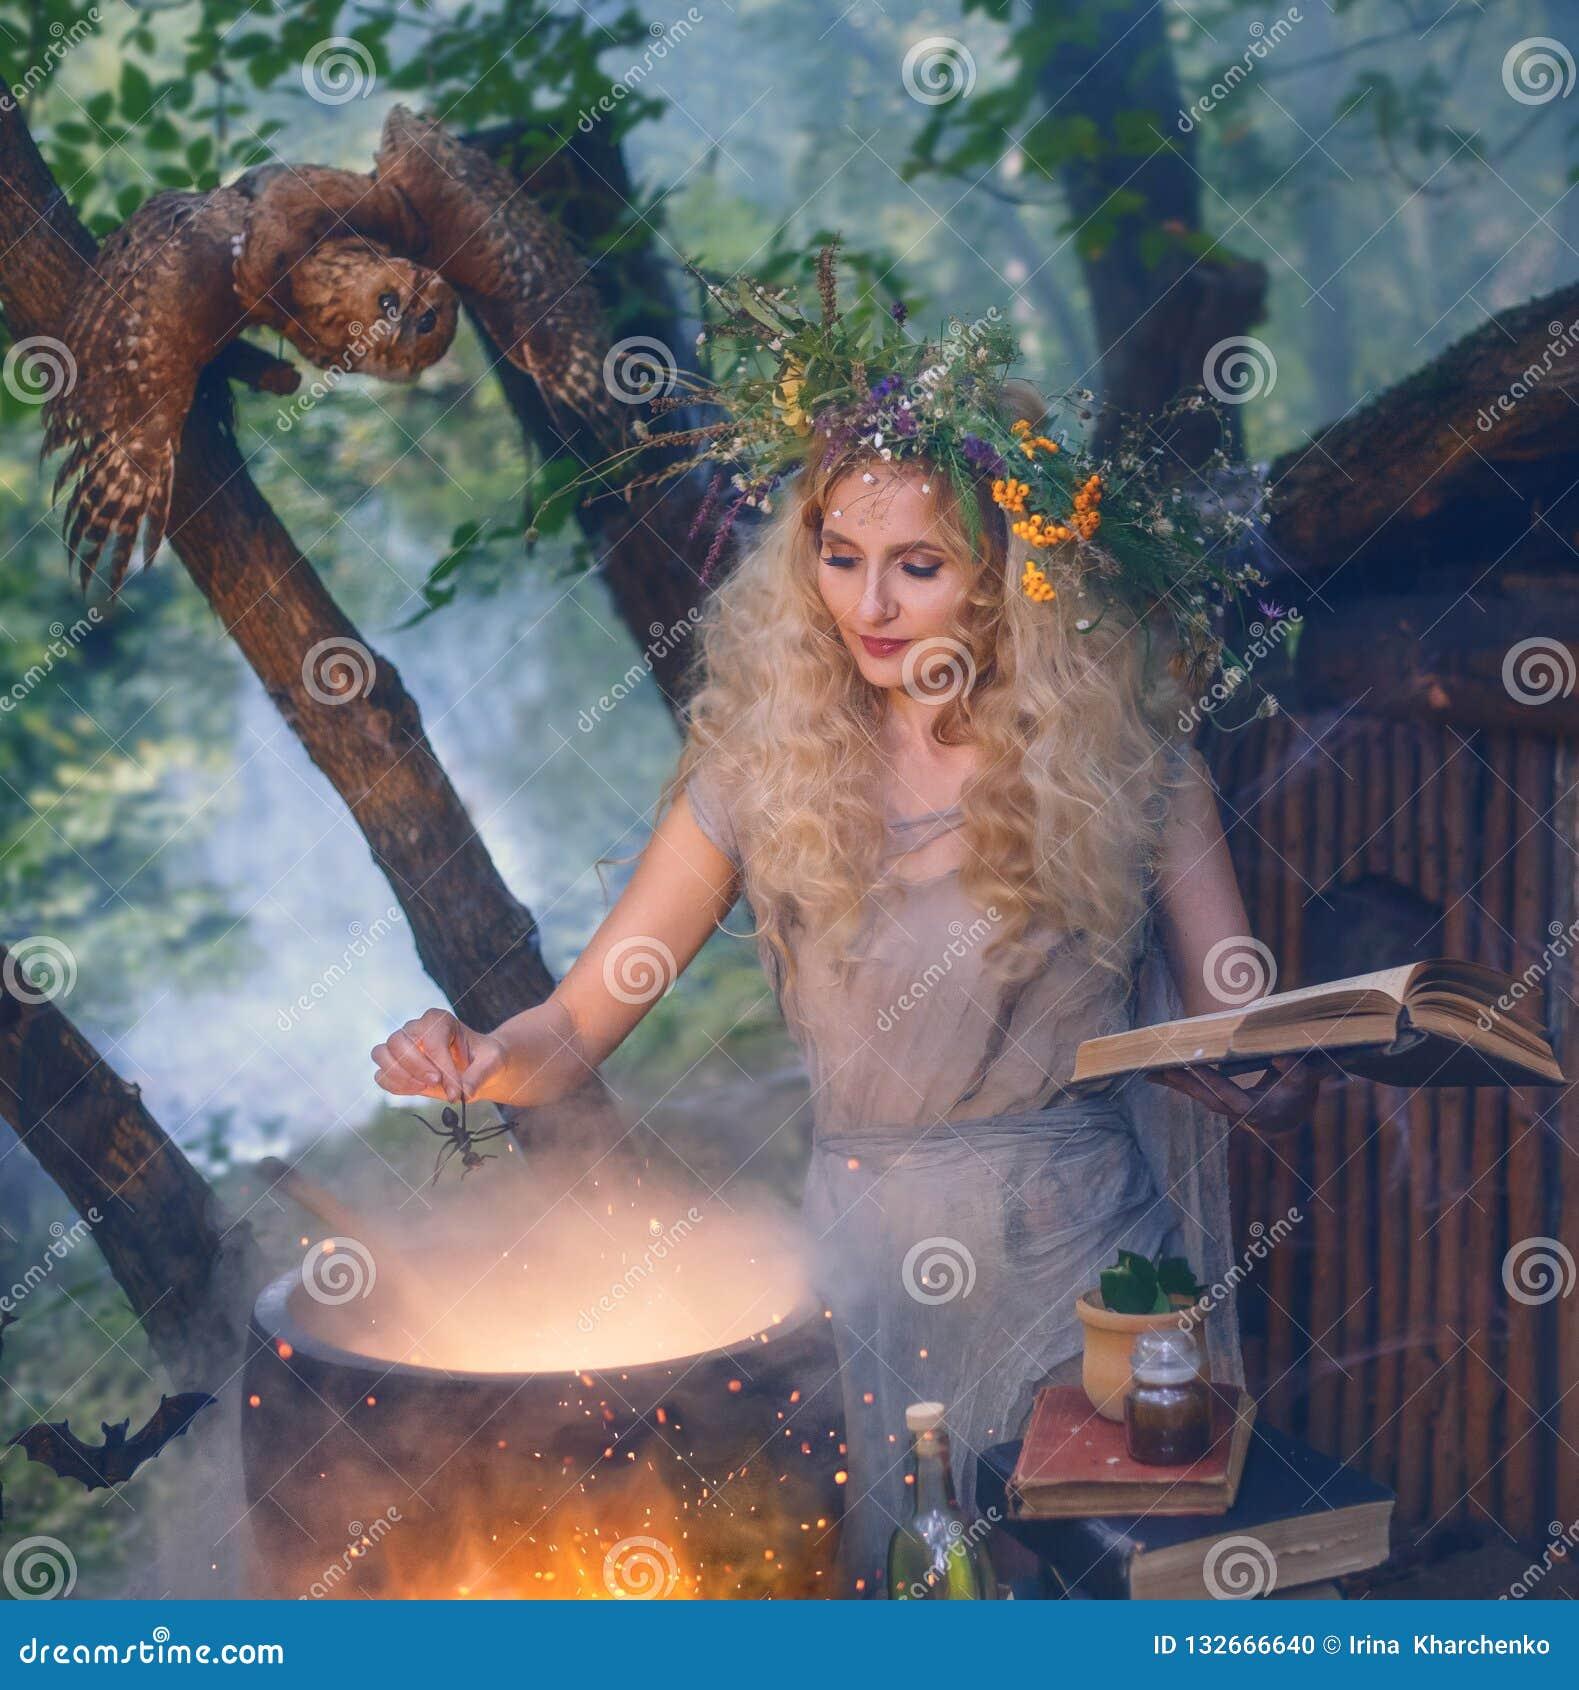 Moça atrativa com cabelo louro com uma grinalda luxúria surpreendente em sua cabeça na floresta, preparando a poção no cauldro